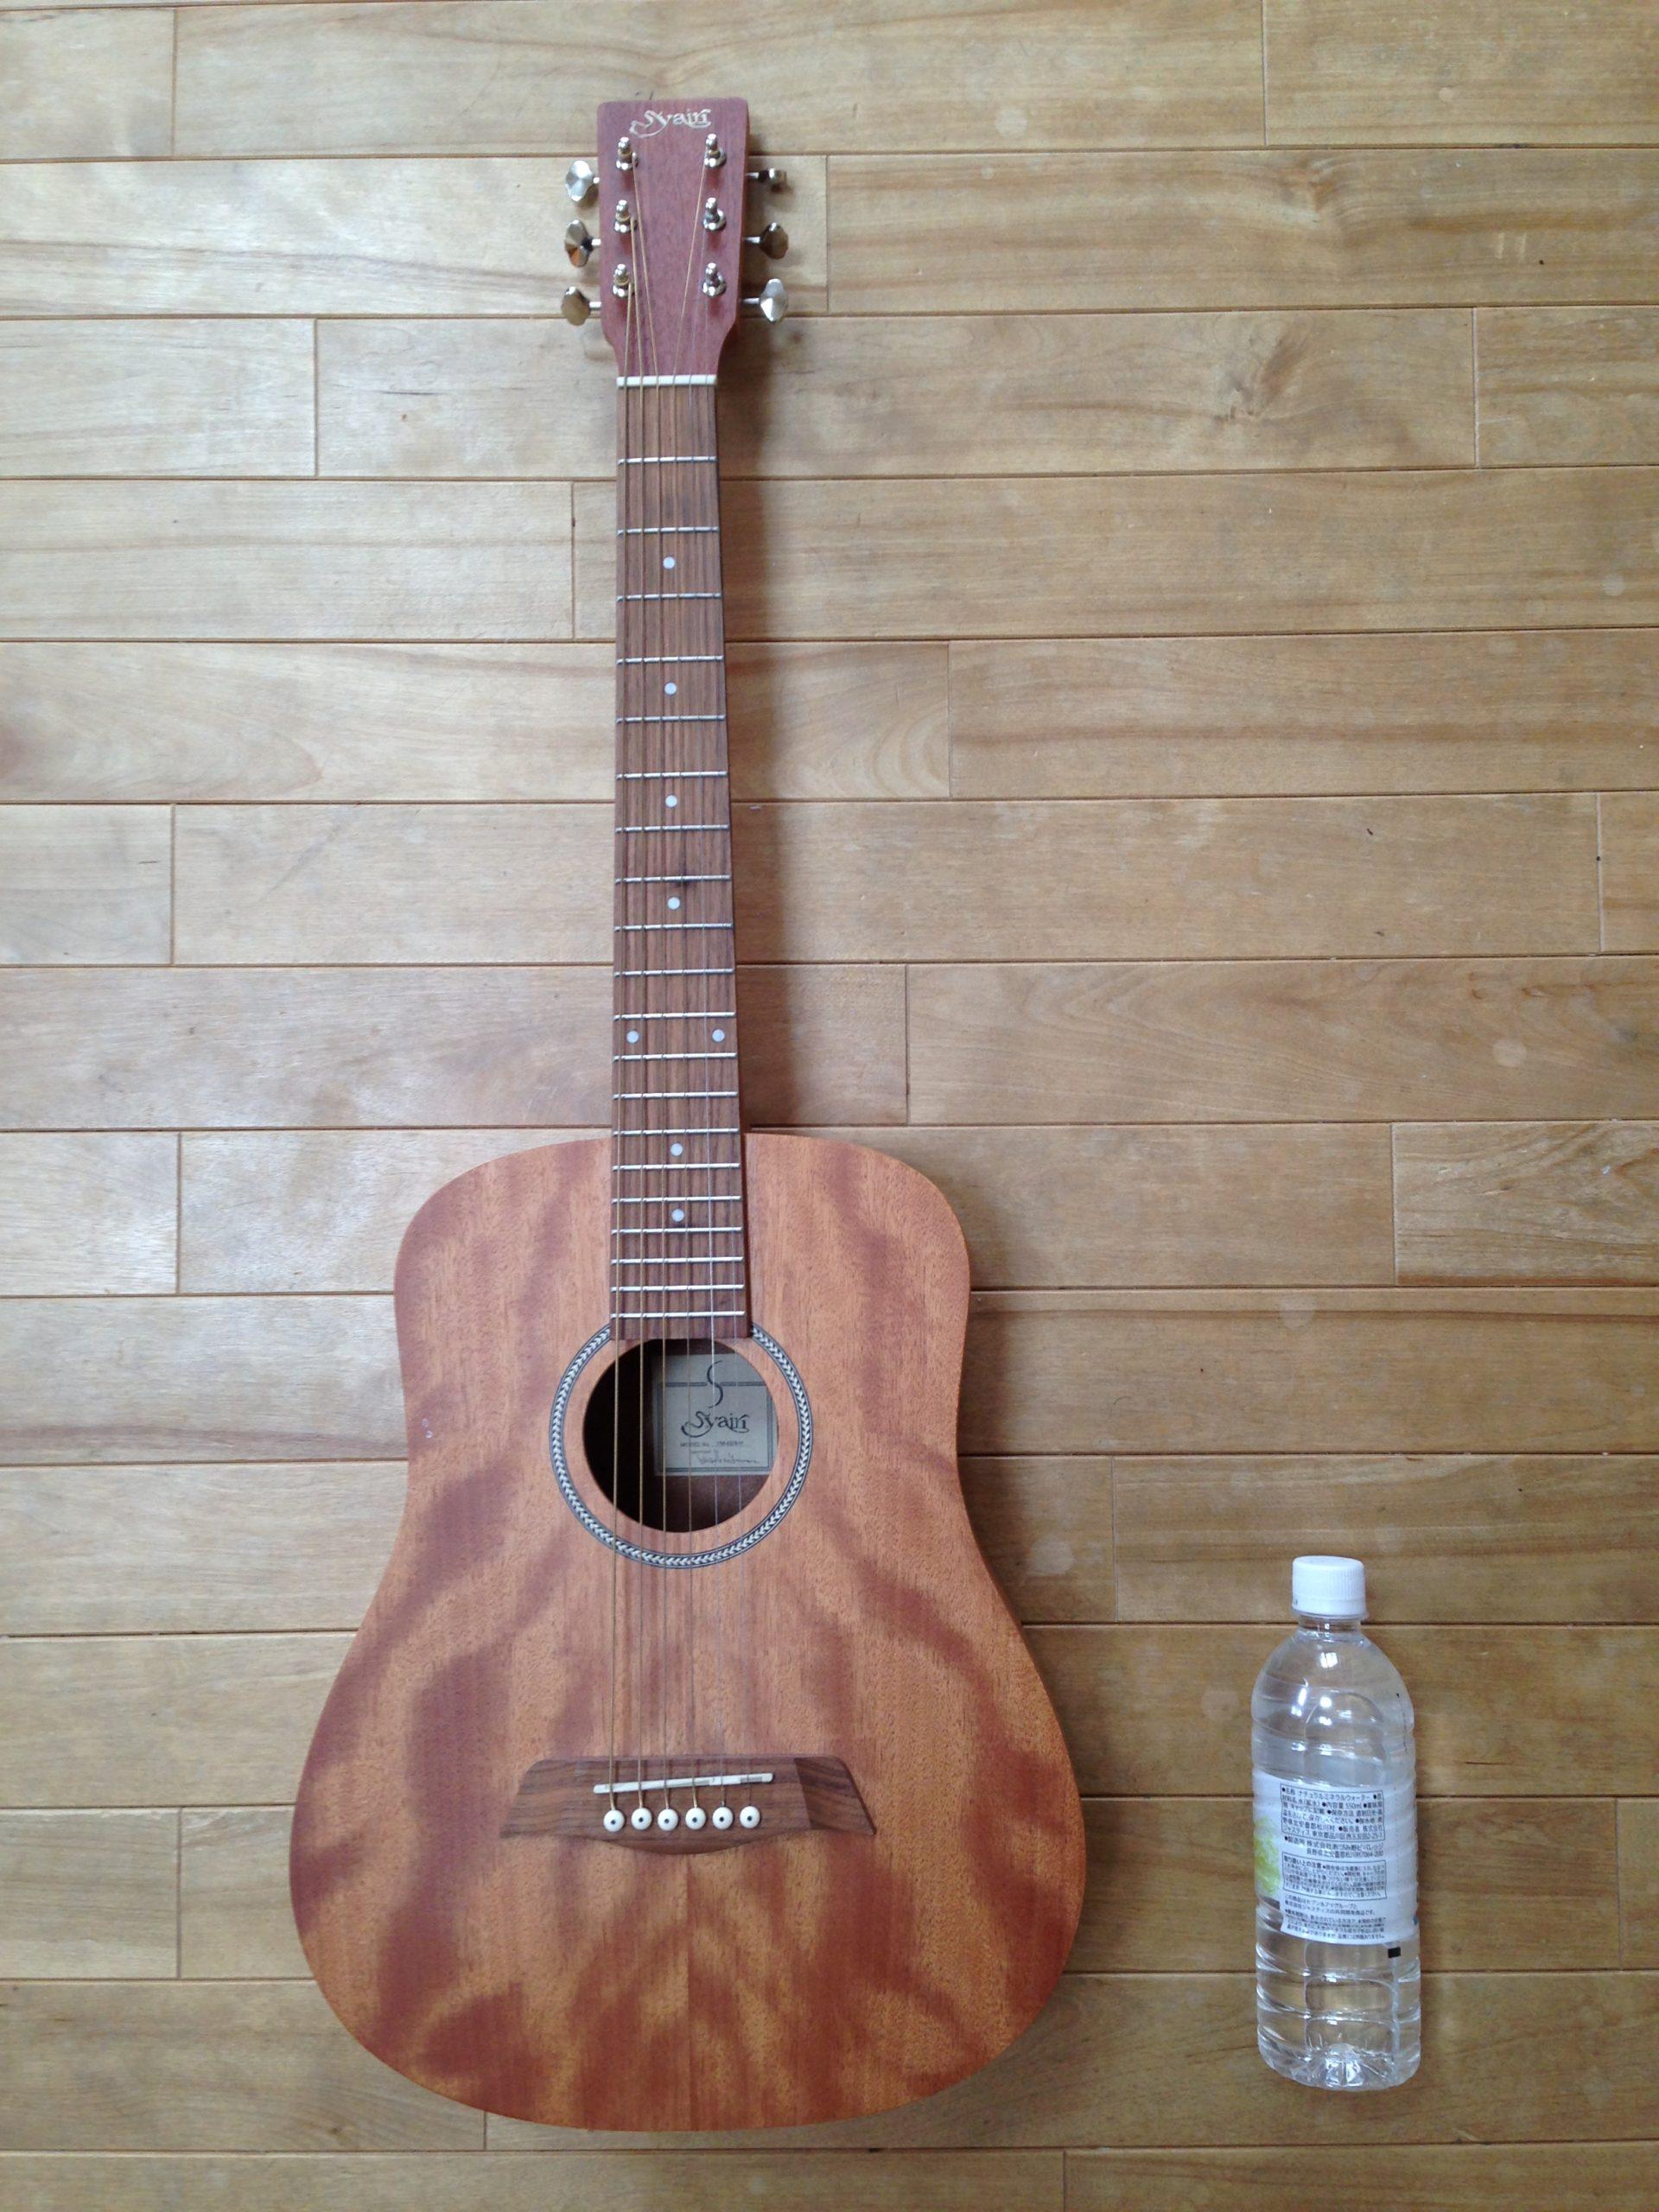 オヤジギター その6「S.yairi YM-02の初心者レビュー」